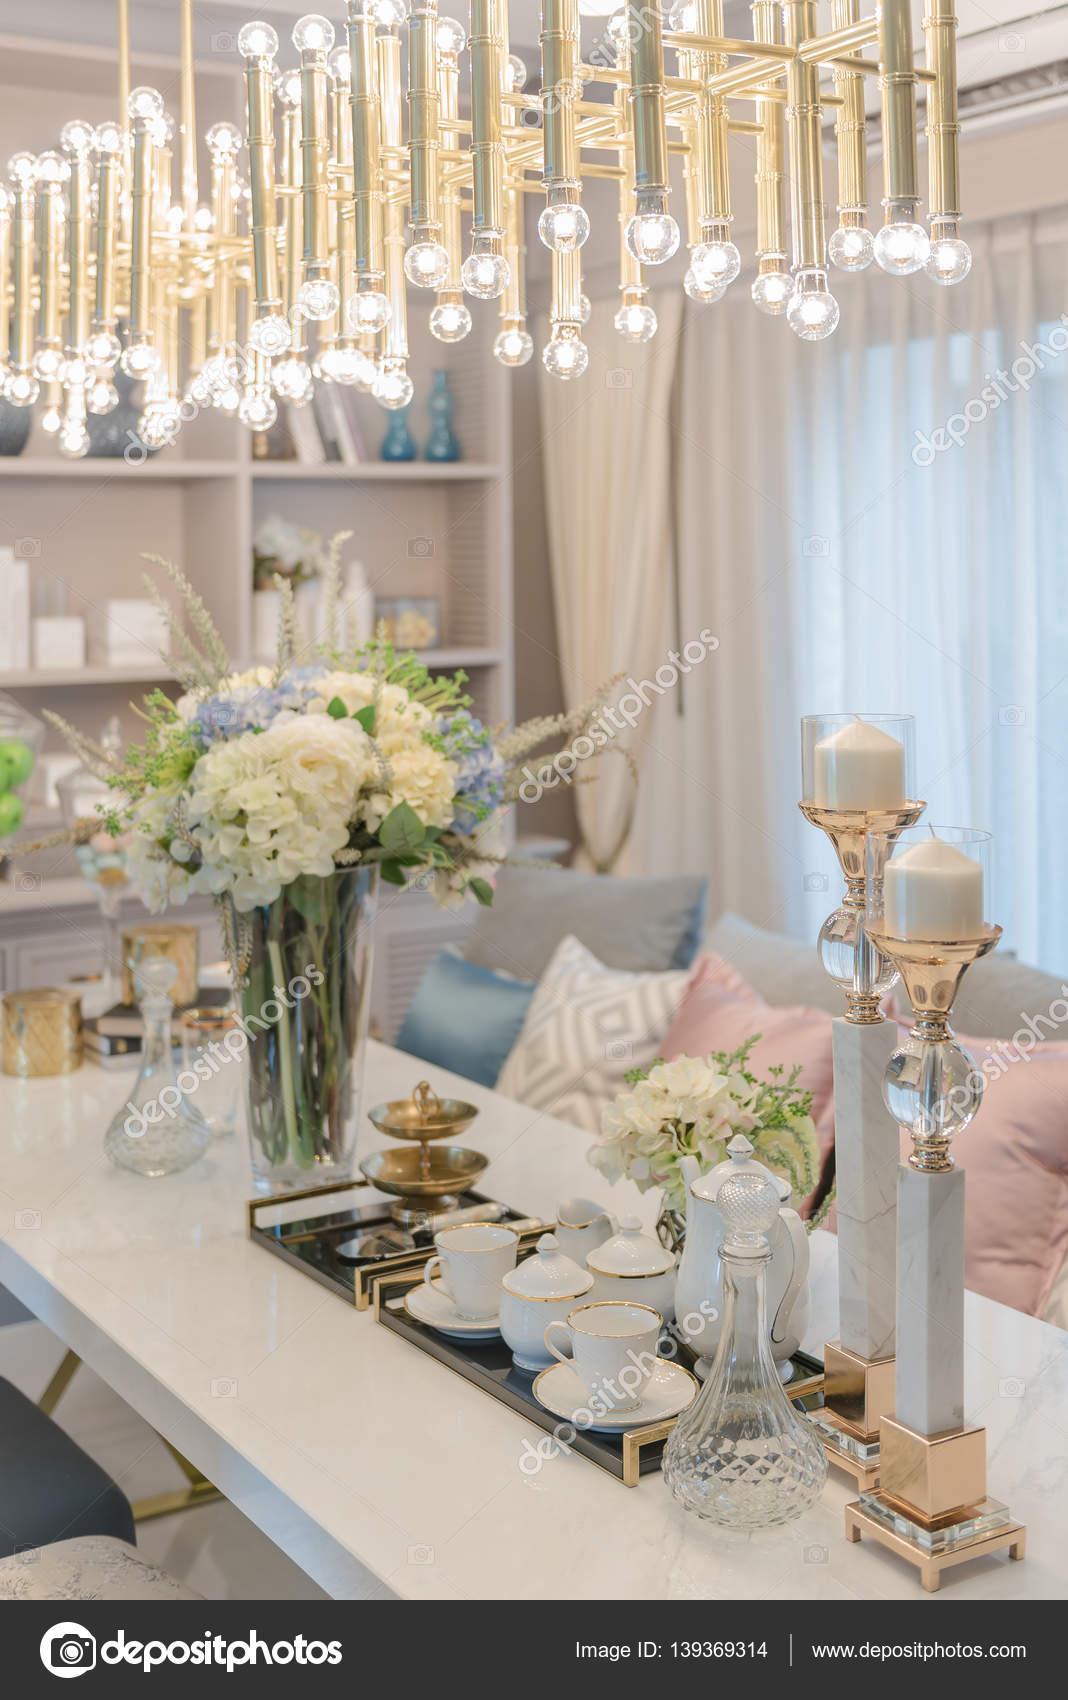 table de luxe situe sur dinnig tableau avec vase de fleurs dans la salle a manger de r images de stock libres de droits